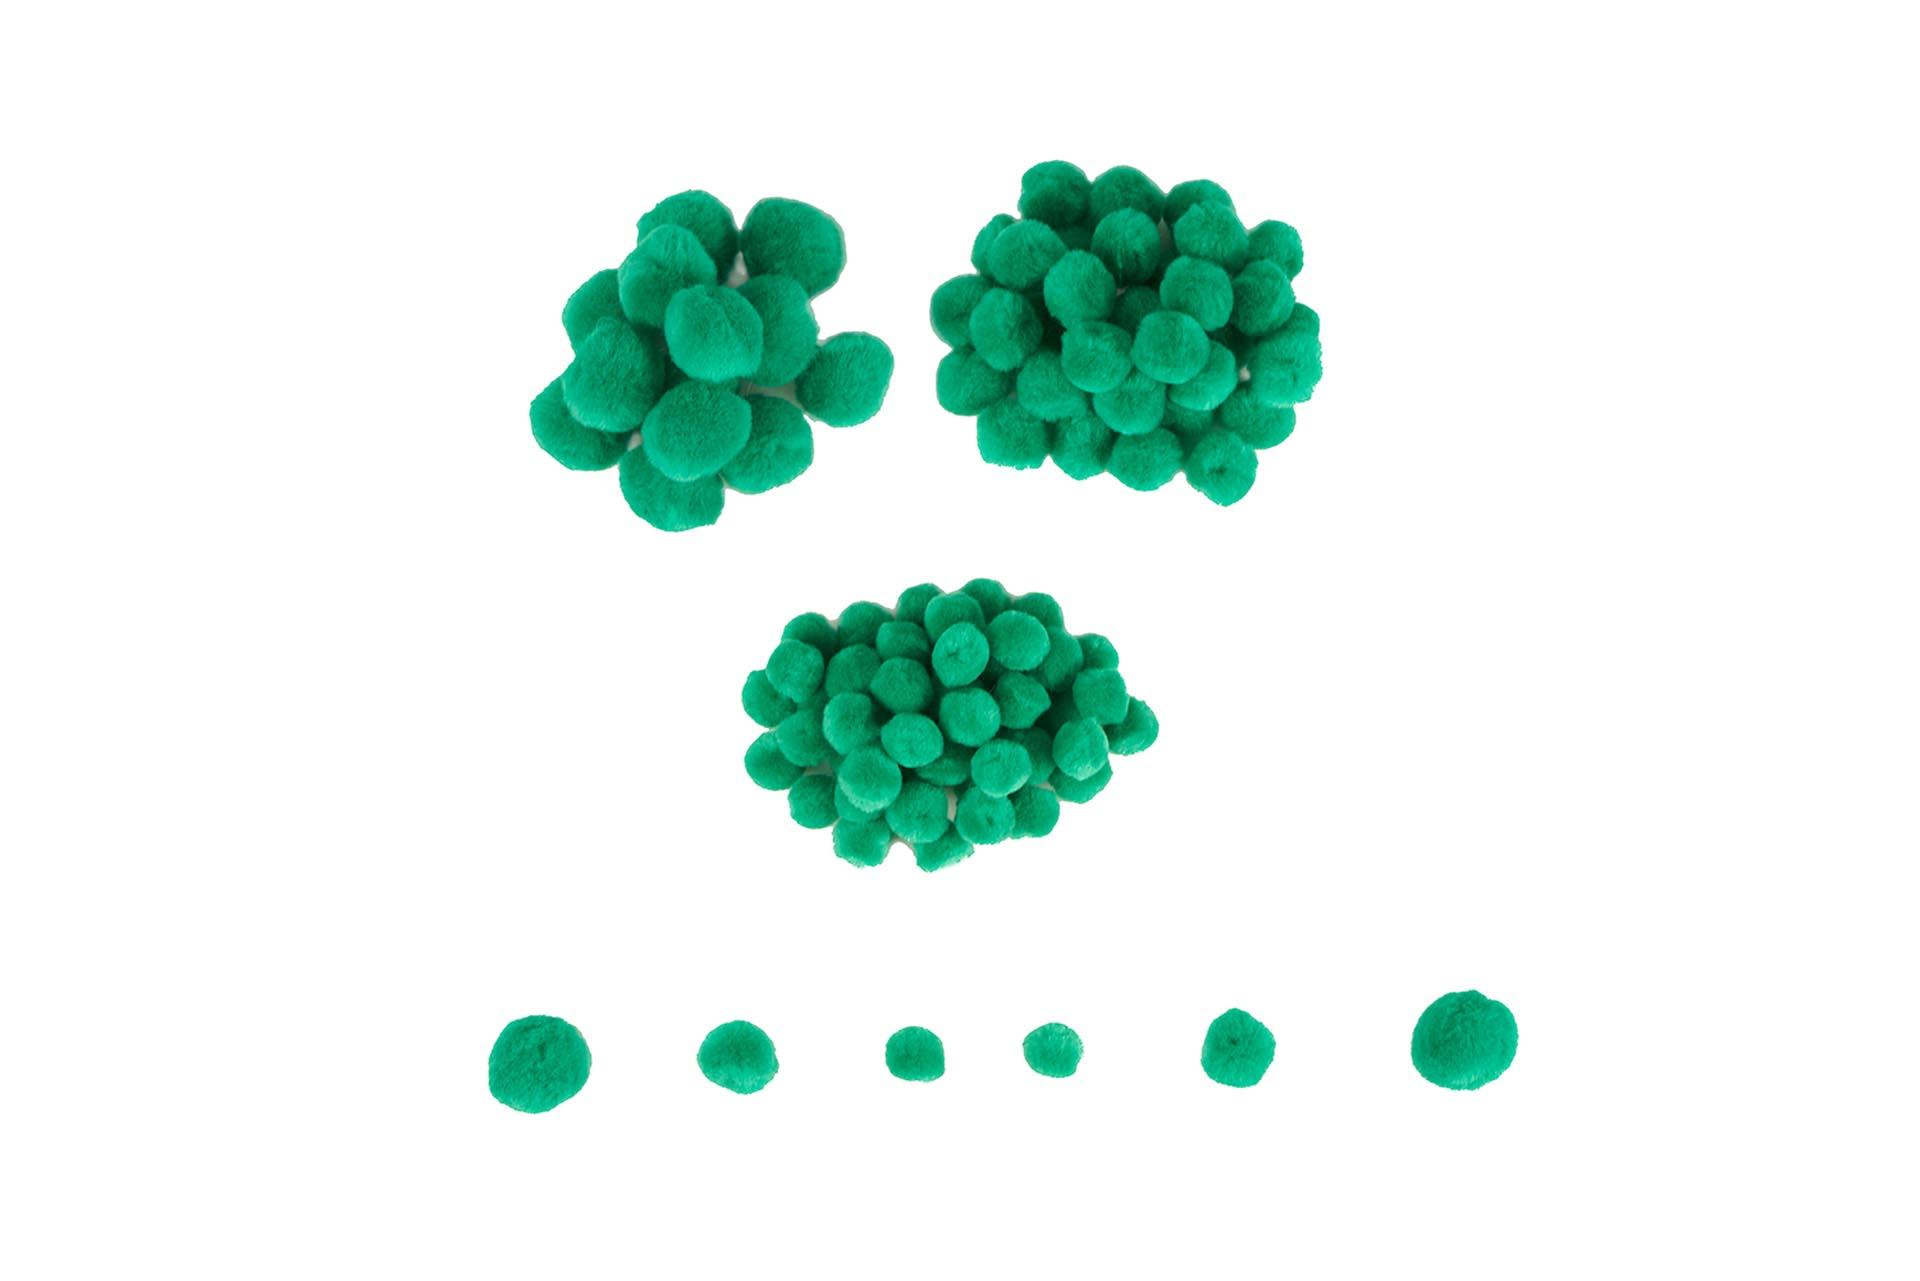 Mini pom-pom - 100 de piese - Verde imagine edituradiana.ro